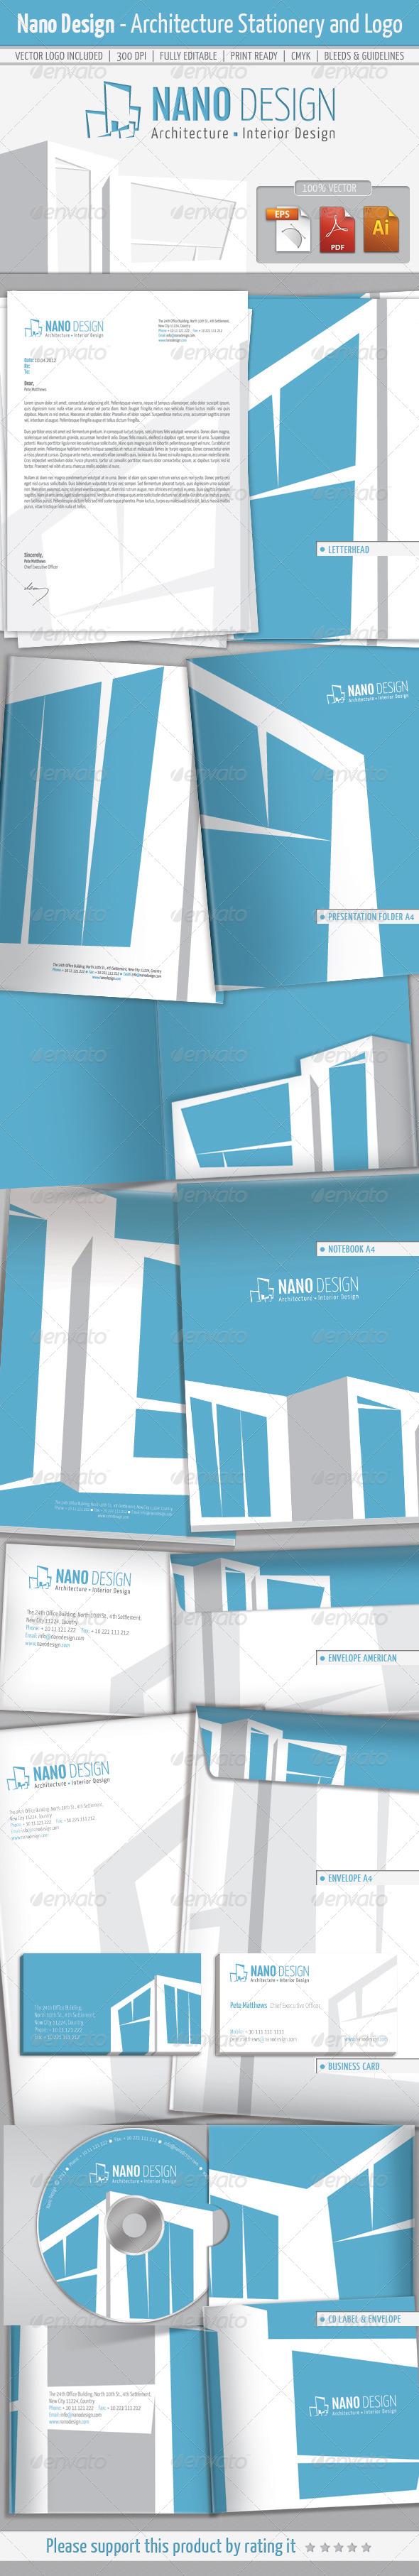 GraphicRiver Nano Design-Architecture Stationery and Logo 5749074